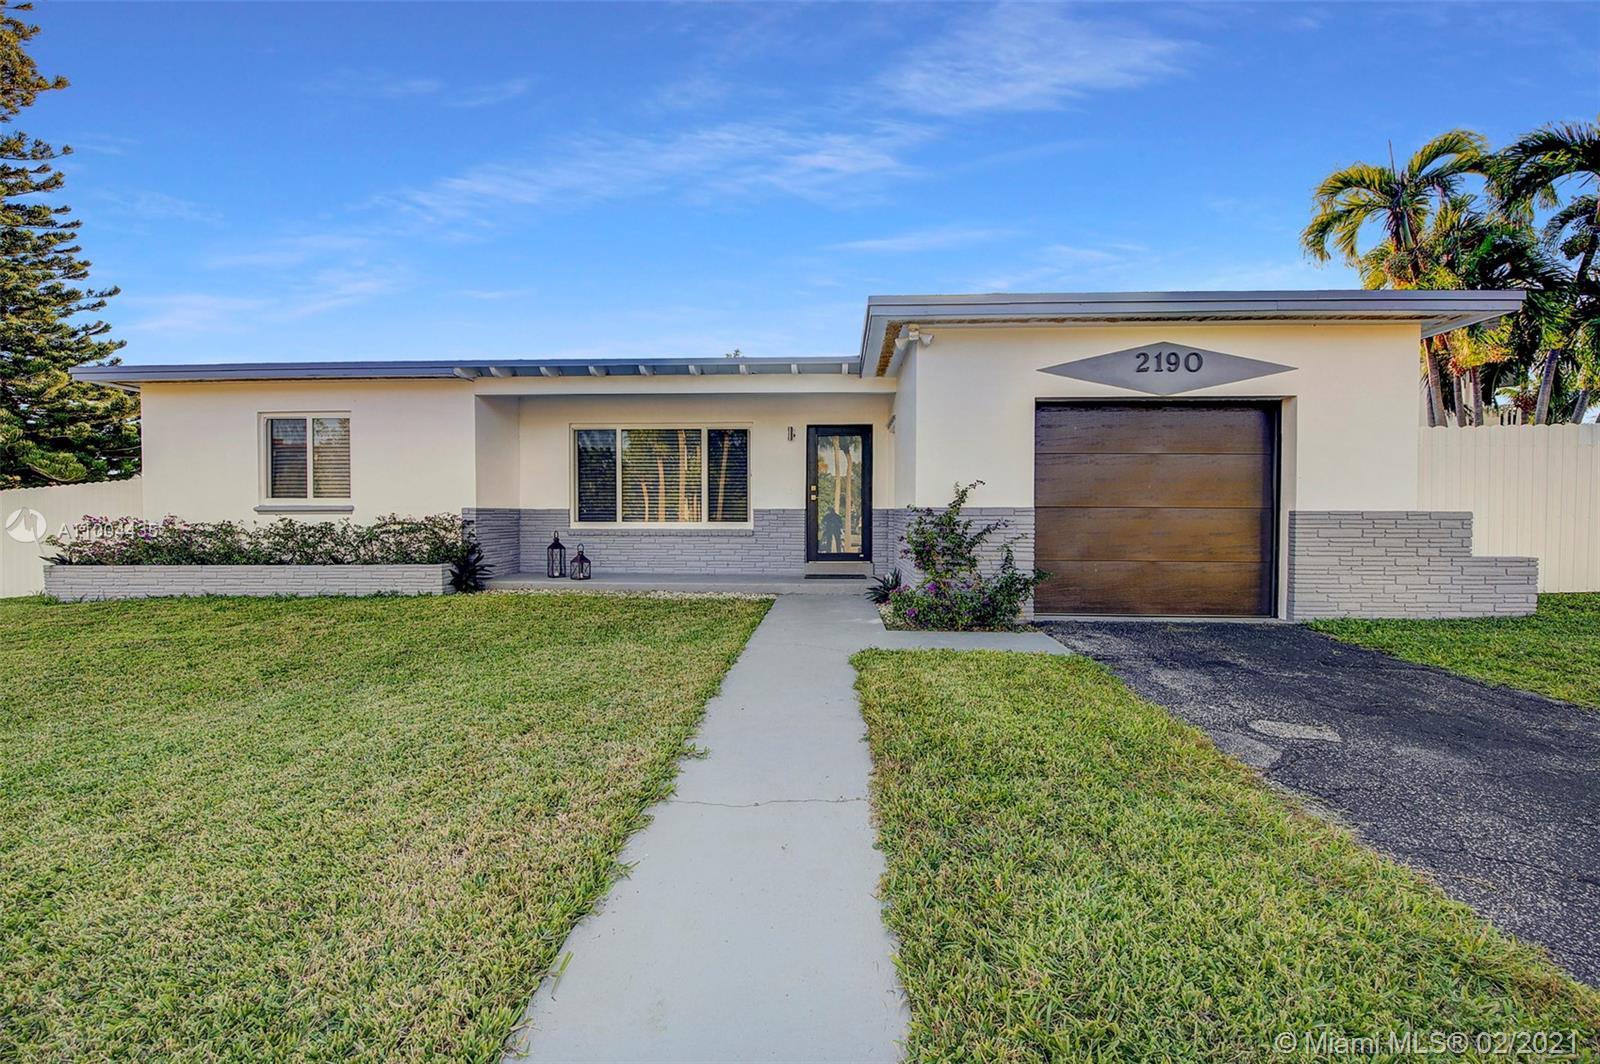 North Miami Beach - 2190 NE 169th St, North Miami Beach, FL 33162